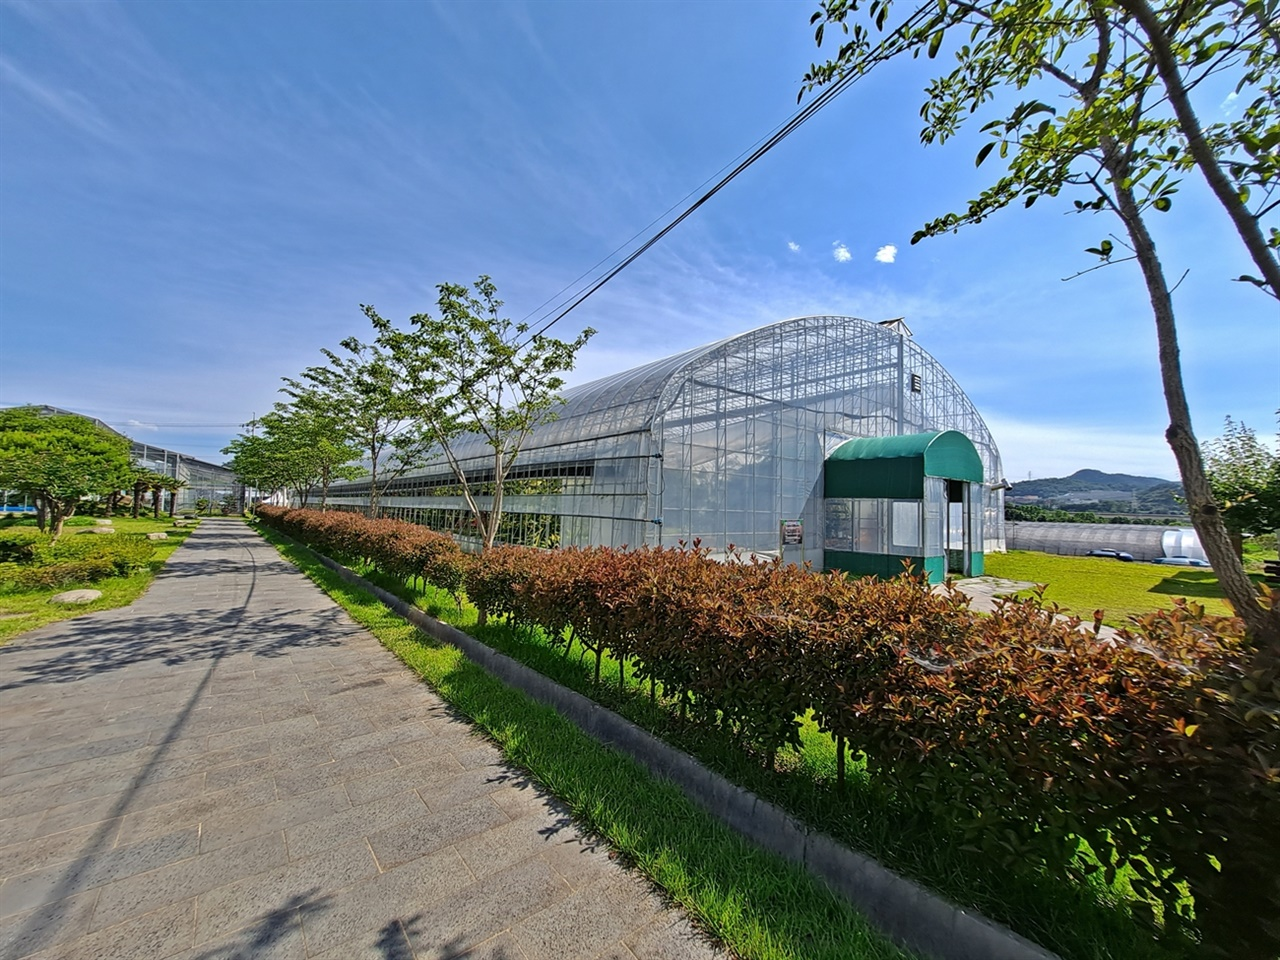 여수시 농업기술센터 아열대과수식물원 전경이다.